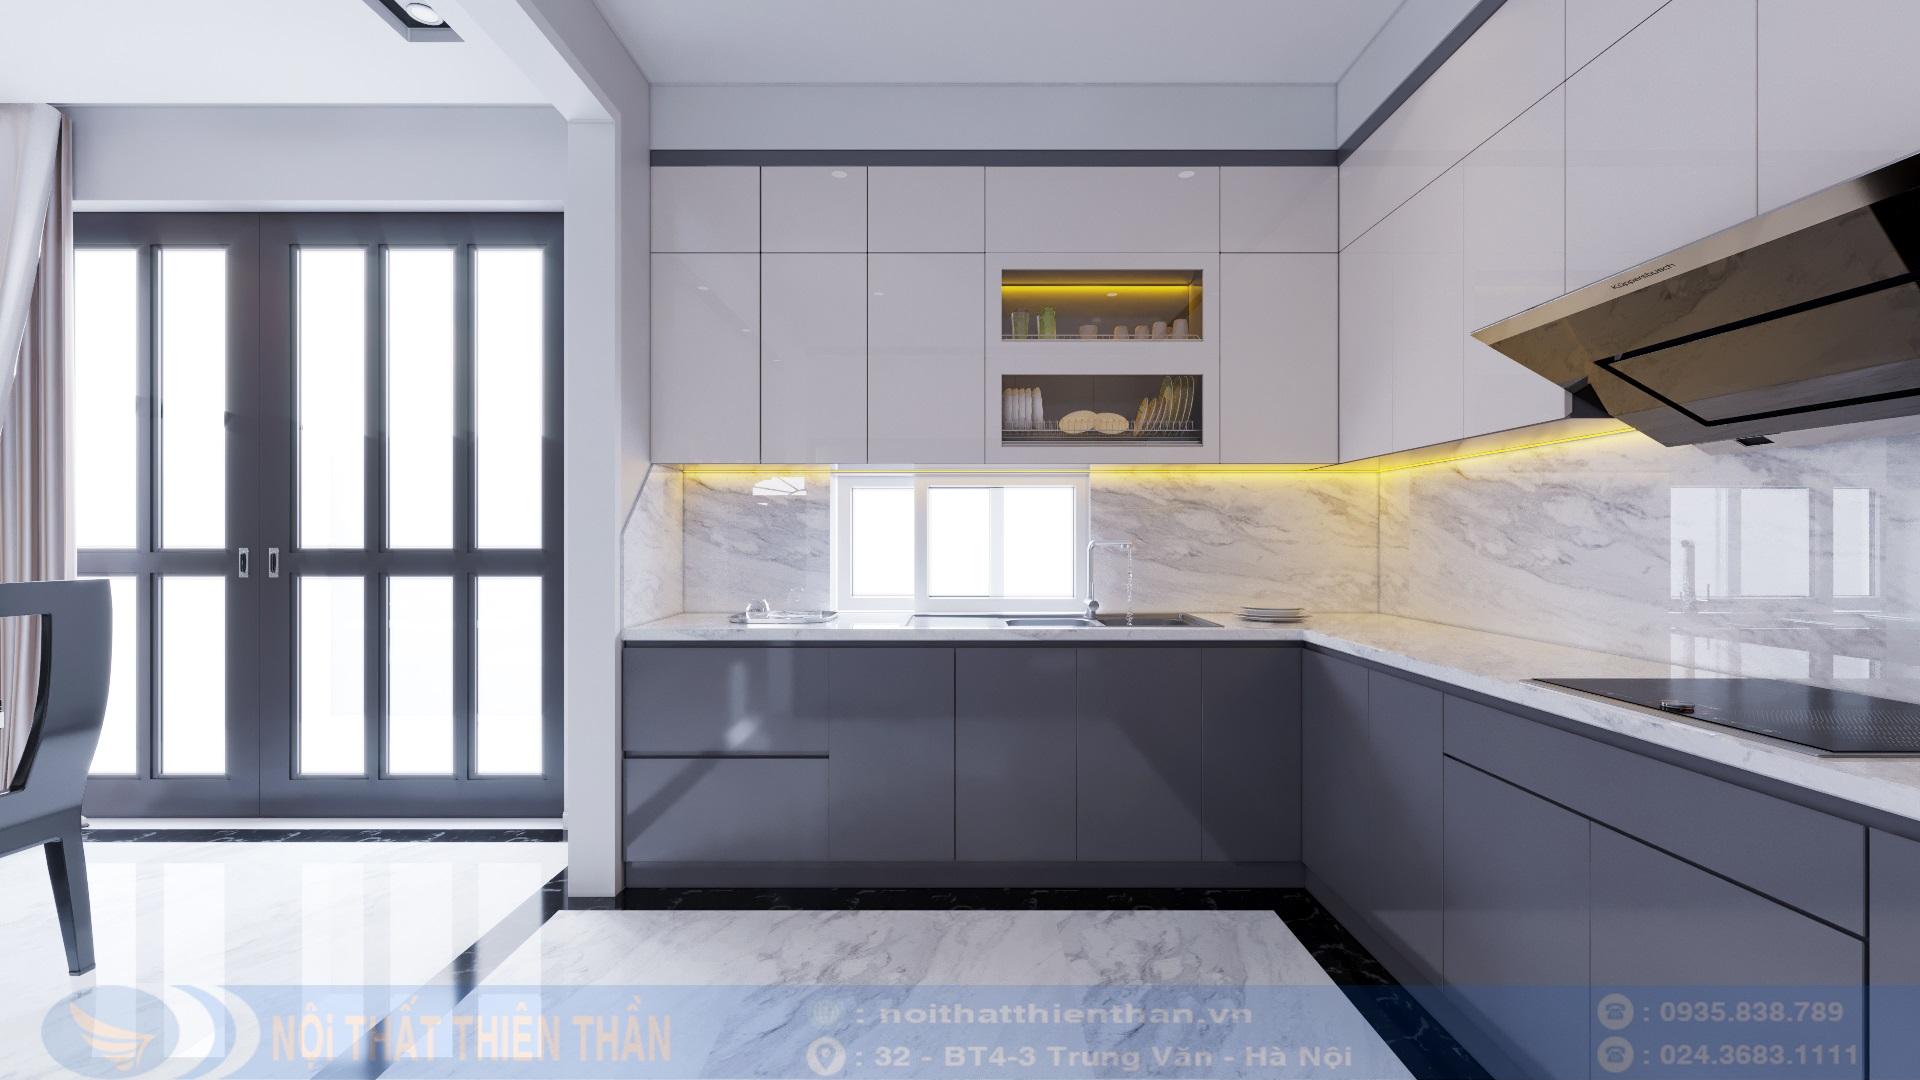 nội thất phòng bếp đẹp biệt thự